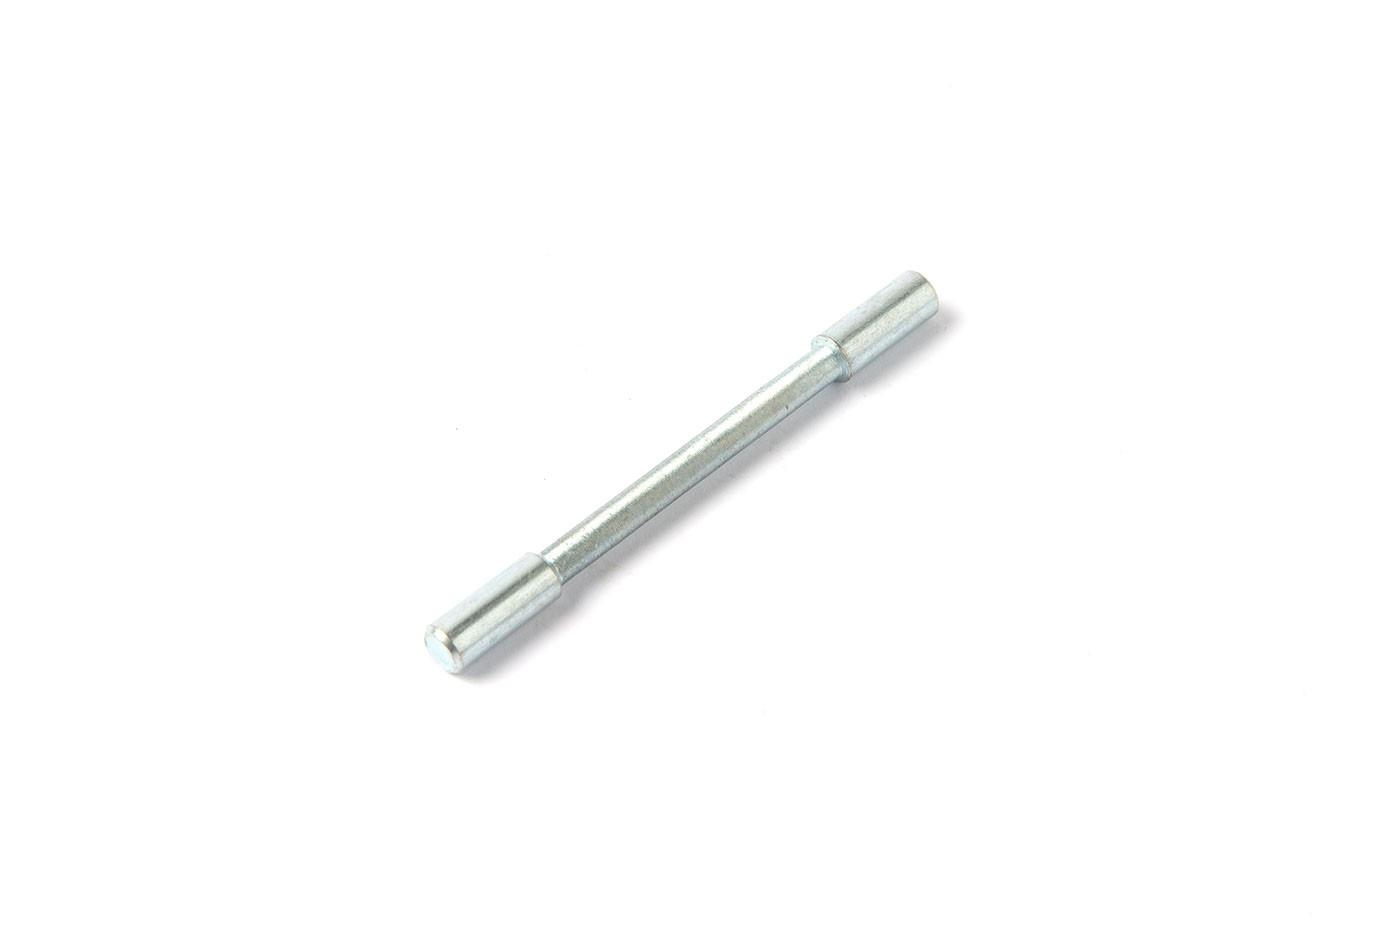 Tapper pin